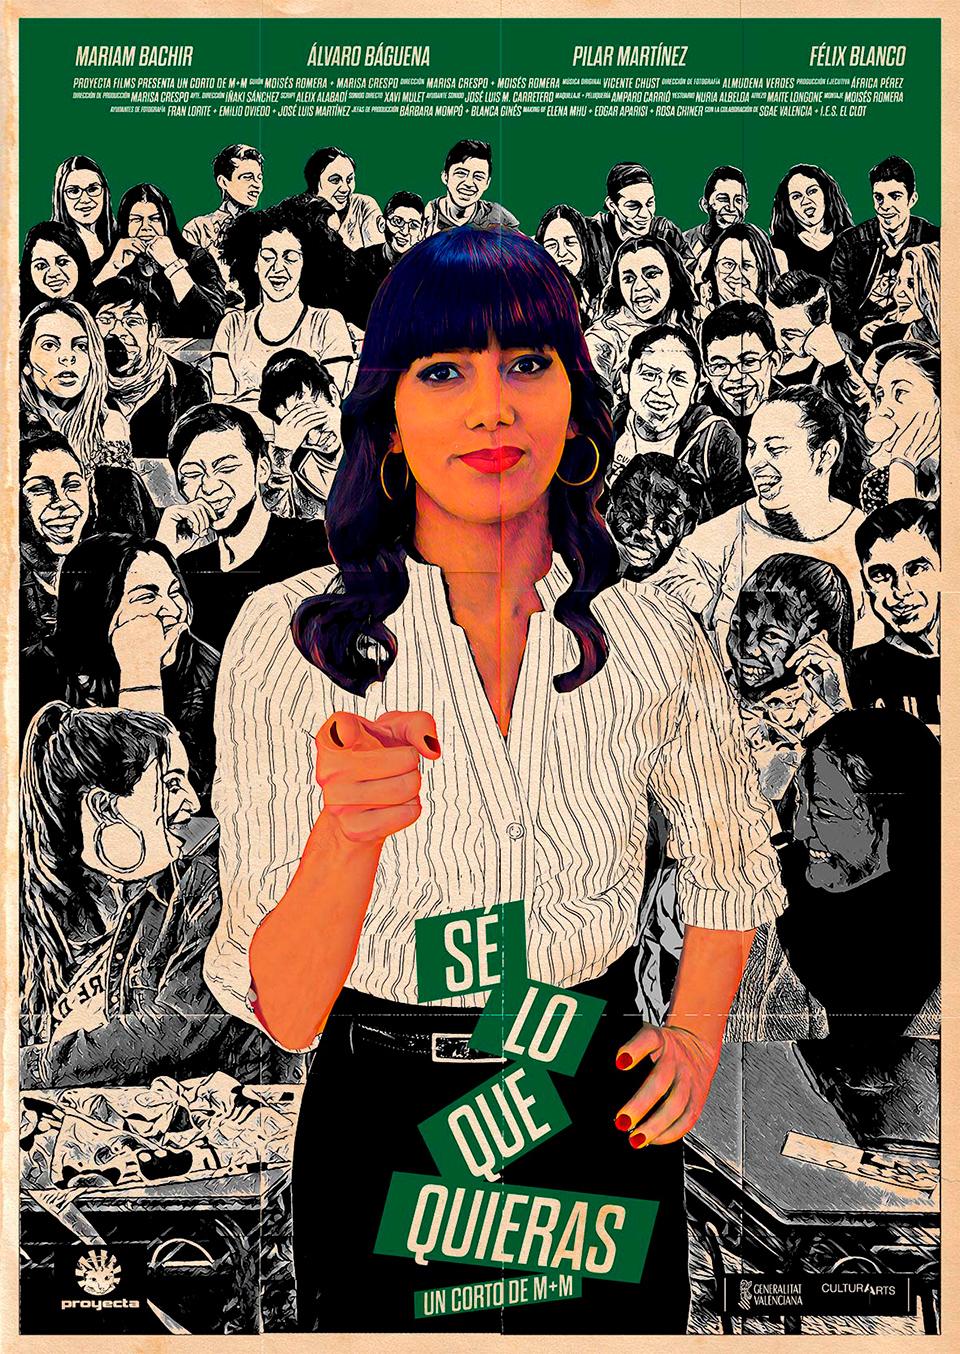 se-lo-que-quieras-cortos-festival-cine-mujeres-zgz-2018